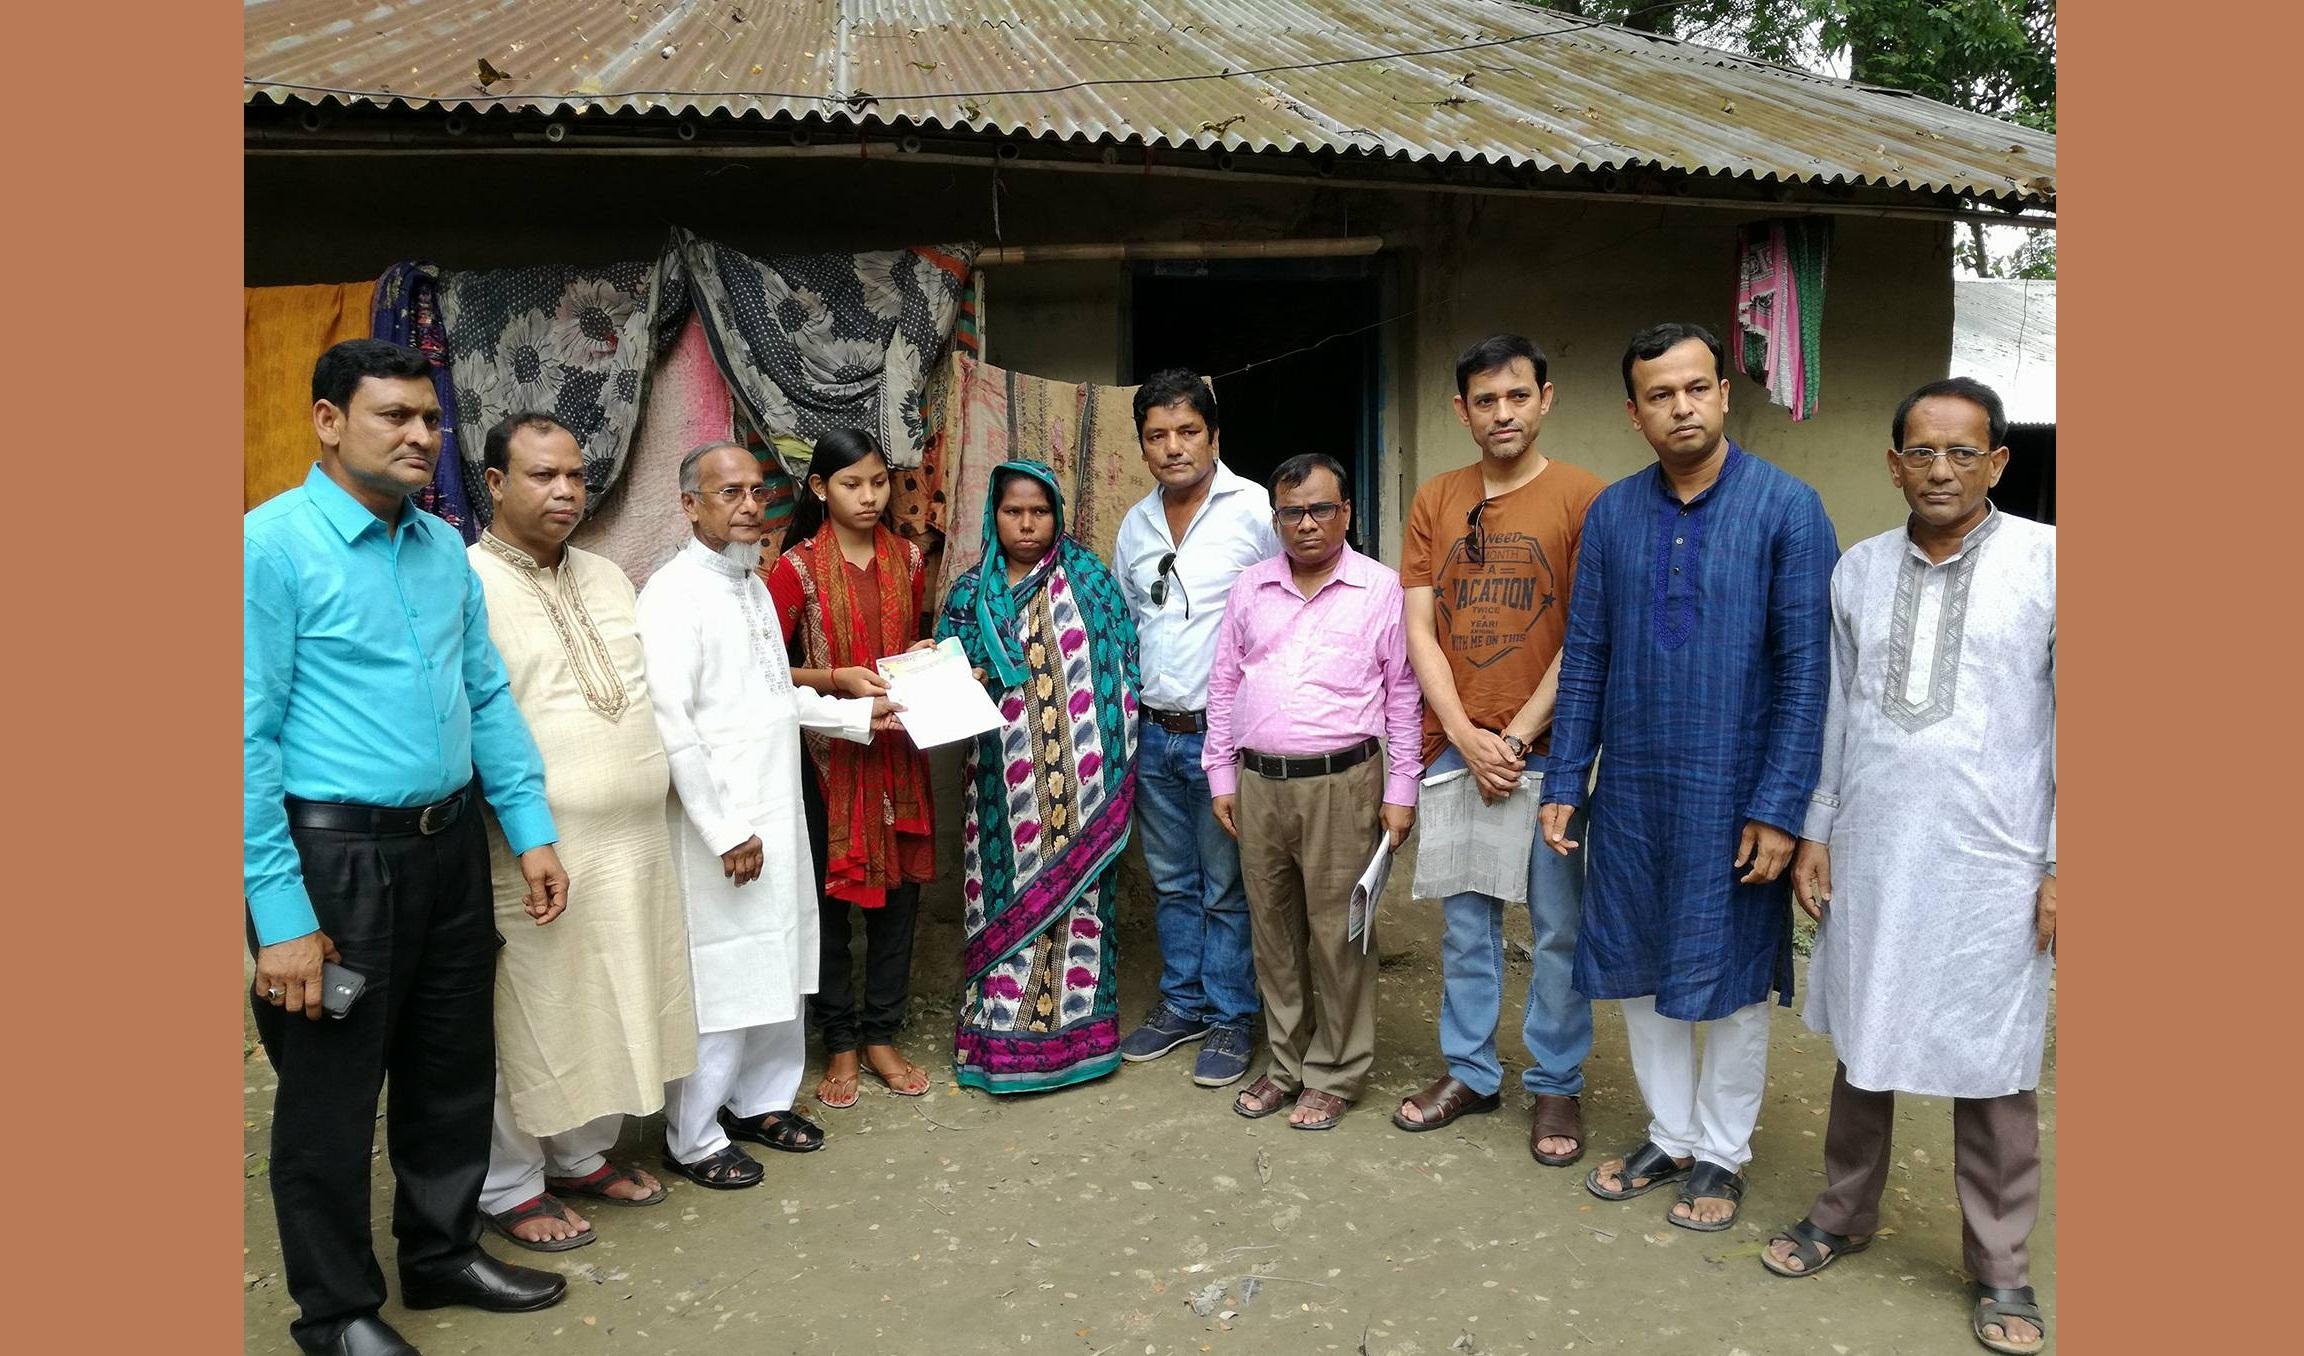 মেধাবী সনি নাথ পেল 'প্রজন্ম বঙ্গবন্ধু'র আর্থিক সহায়তা